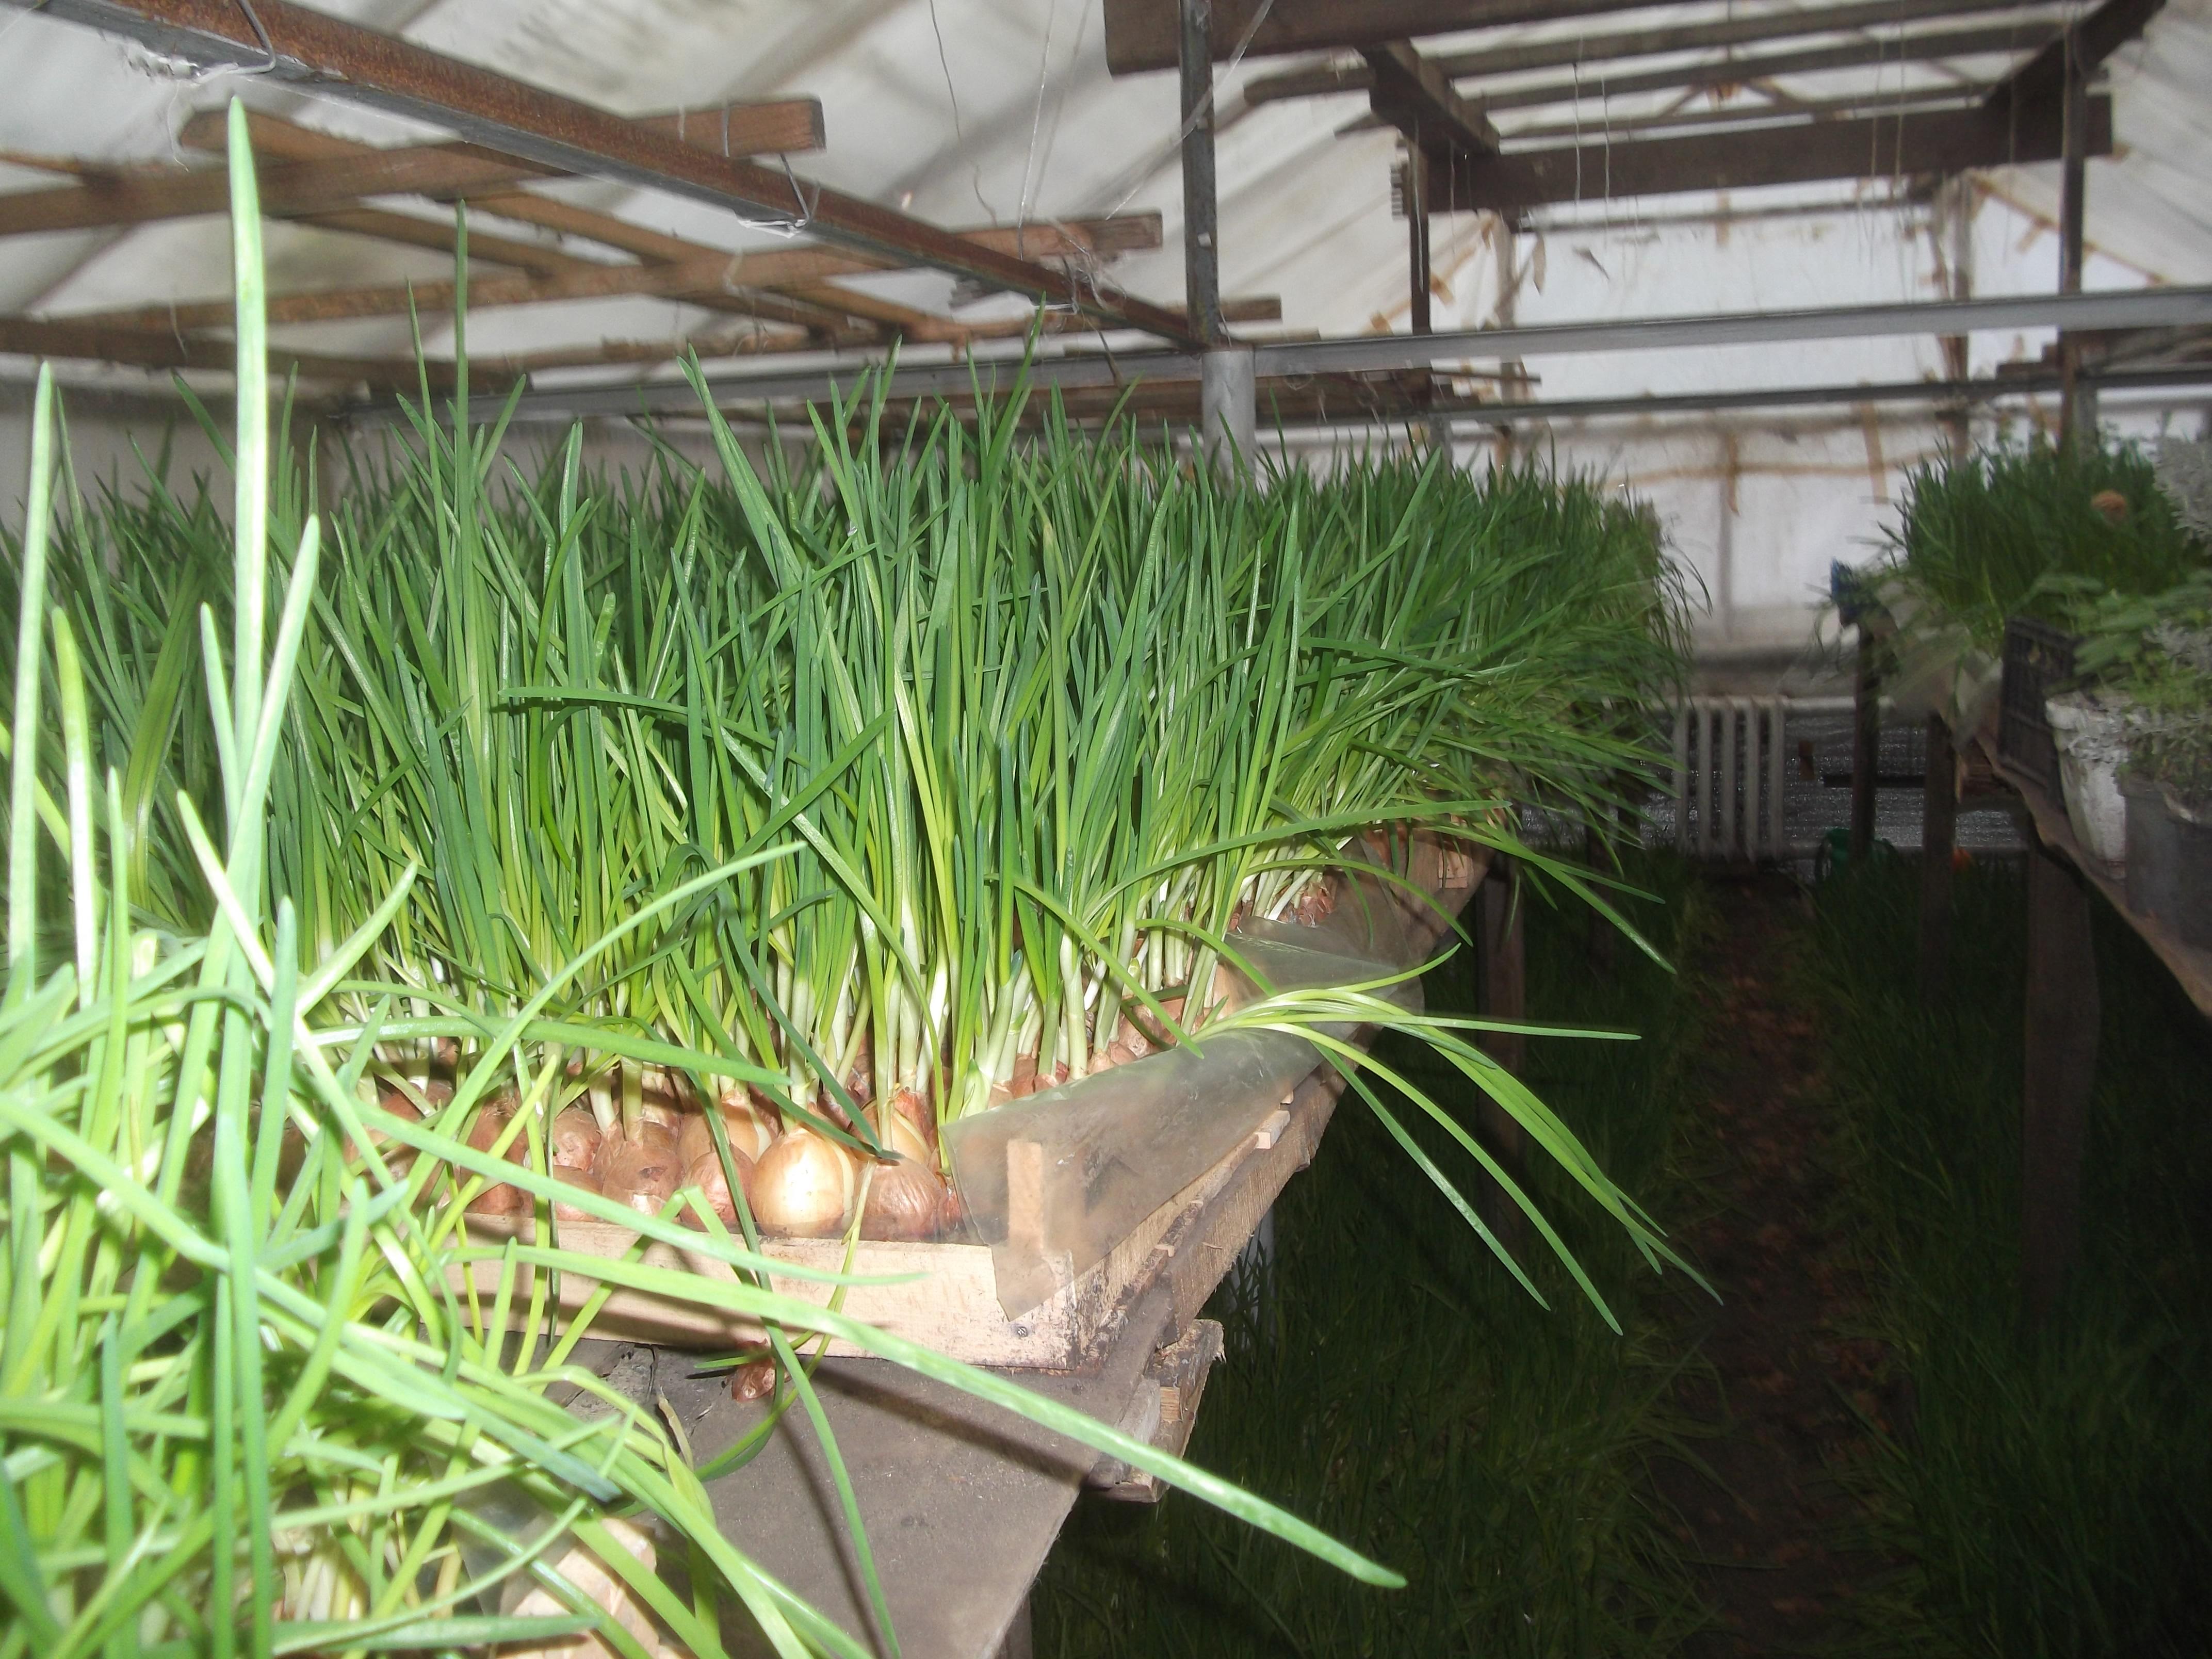 Выращивание зеленого лука как бизнес – как вырастить зеленый лук в зимнее время на продажу?